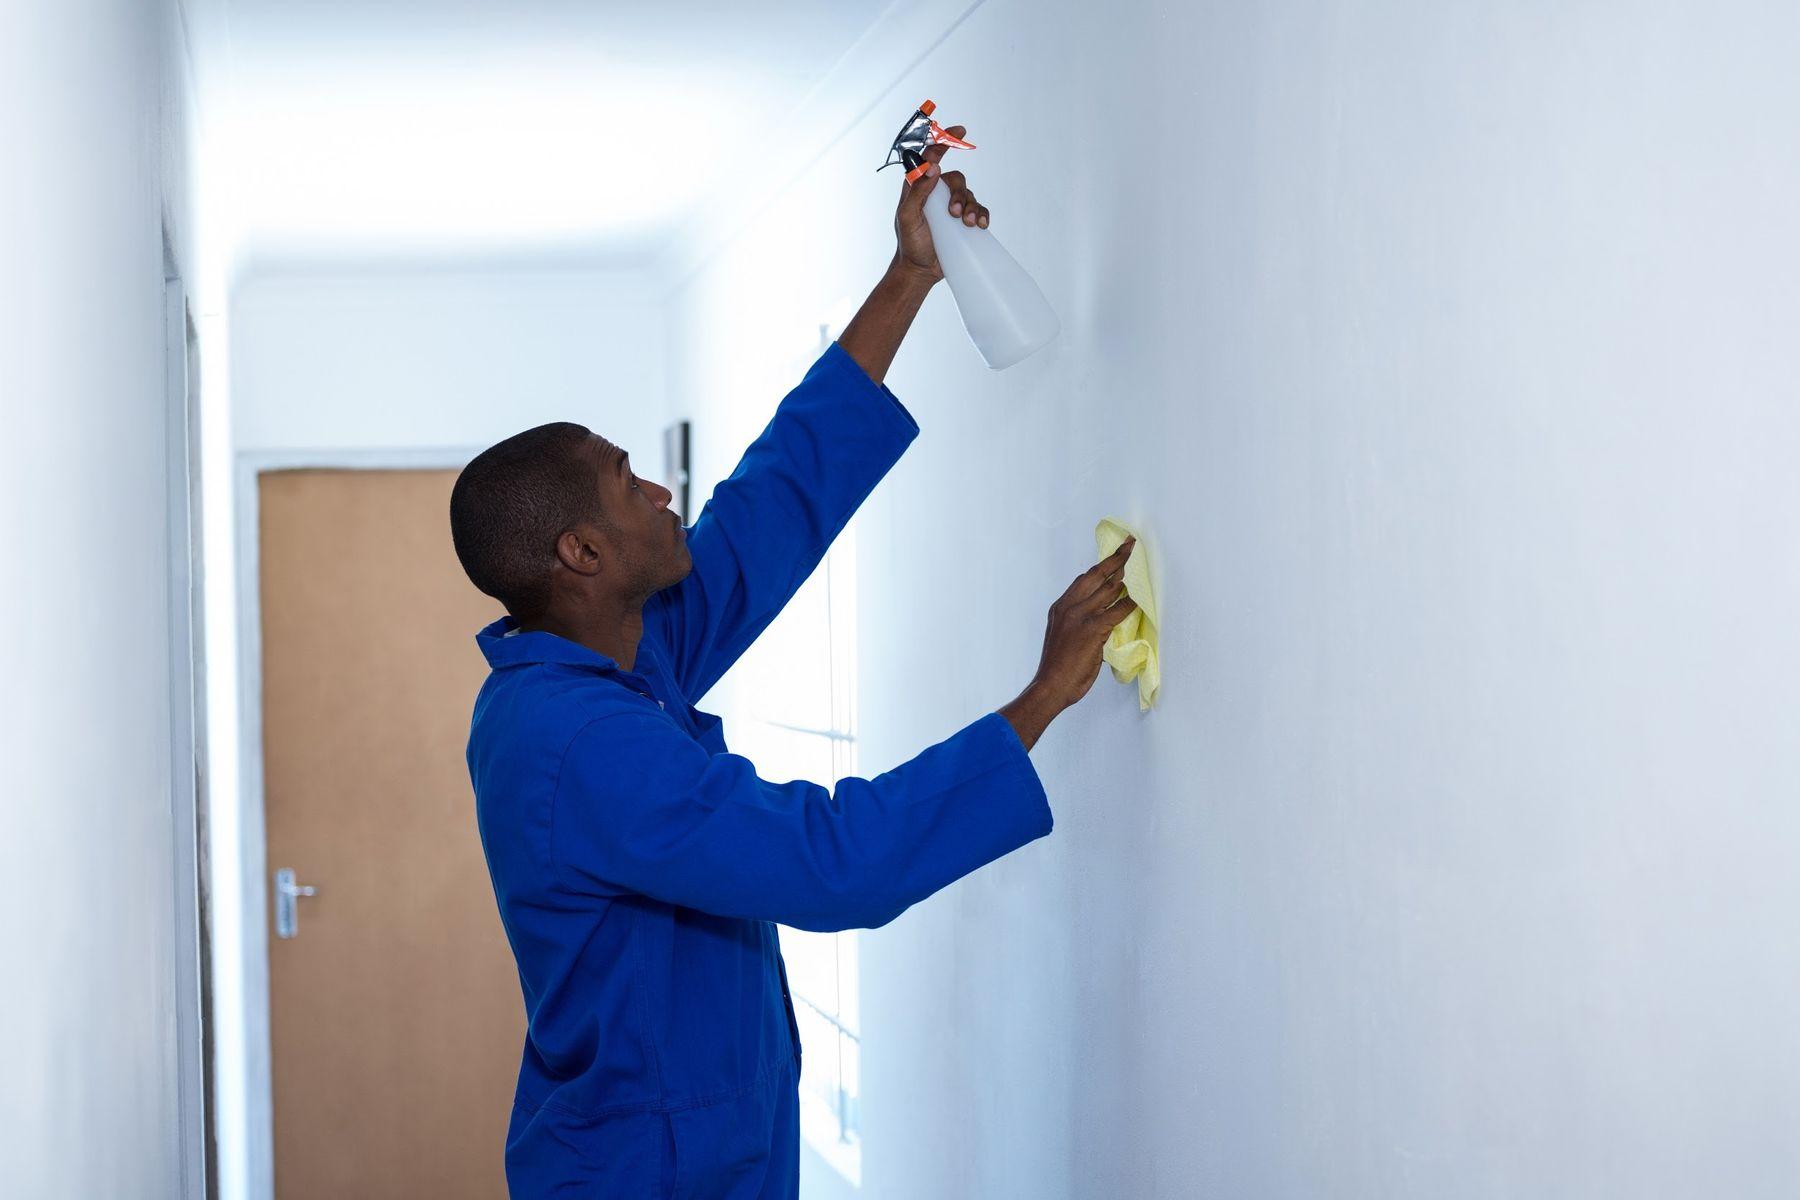 Homem de uniforme de limpeza borrifa produto na parede com uma mão e com a outra passa pano de limpeza